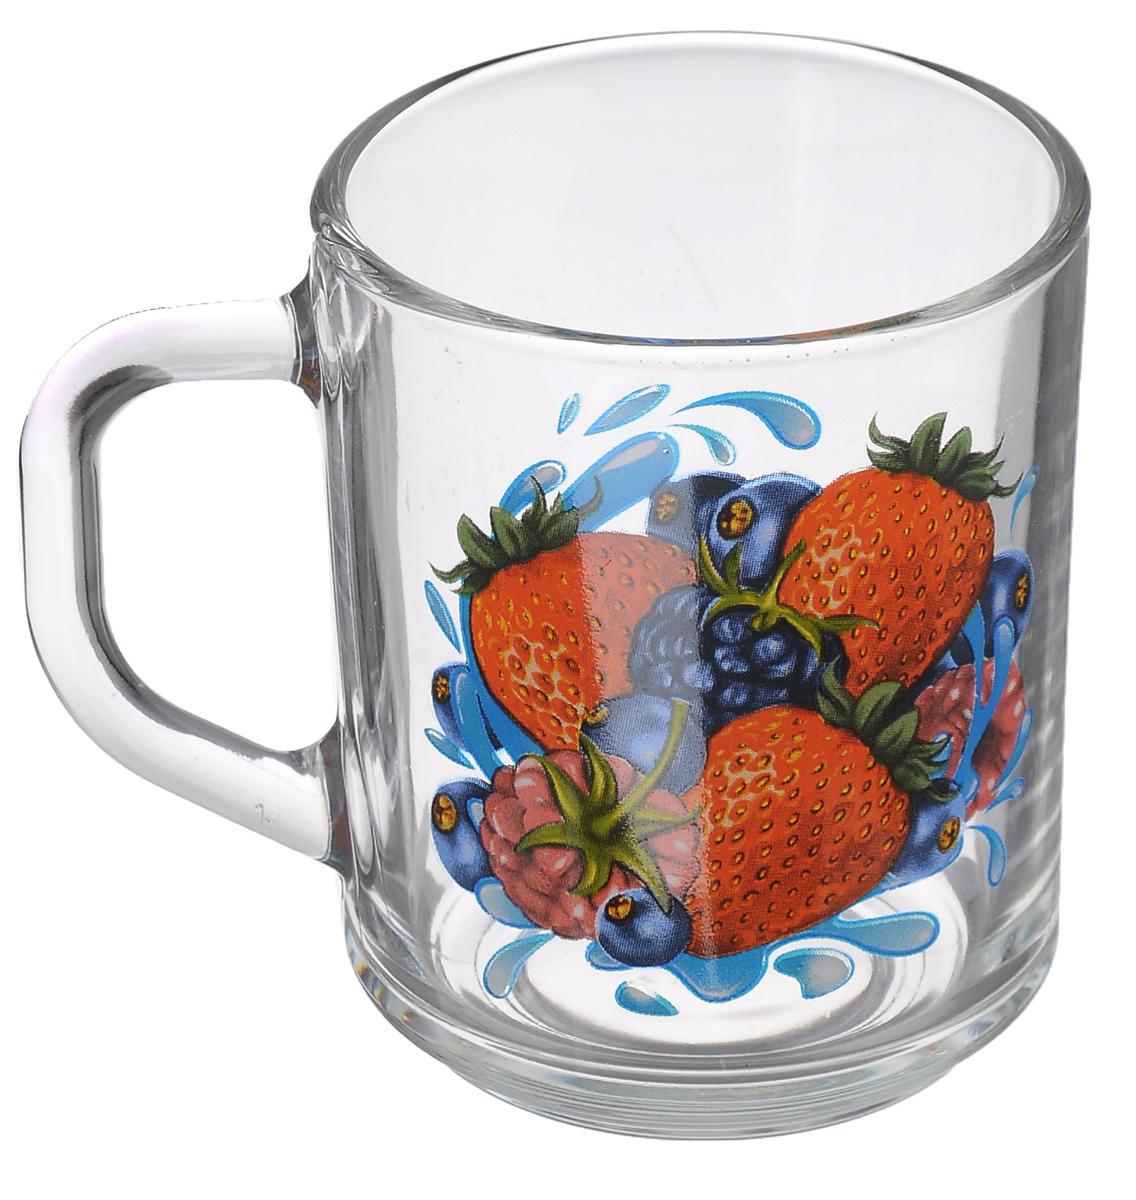 Кружка OSZ Green Tea ягоды, цвет: прозрачный, 200 мл07С1335 ДЗ ЯМККружка OSZ Green Tea ягоды изготовлена из бесцветного стекла и украшена ярким рисунком. Идеально подходит для сервировки стола. Кружка не только украсит ваш кухонный стол, но подчеркнет прекрасный вкус хозяйки. Диаметр кружки (по верхнему краю): 7,5 см. Диаметр основания: 6,5 см. Ширина кружки с учетом ручки: 10,5 см. Высота кружки: 9 см. Объем кружки: 200 мл.